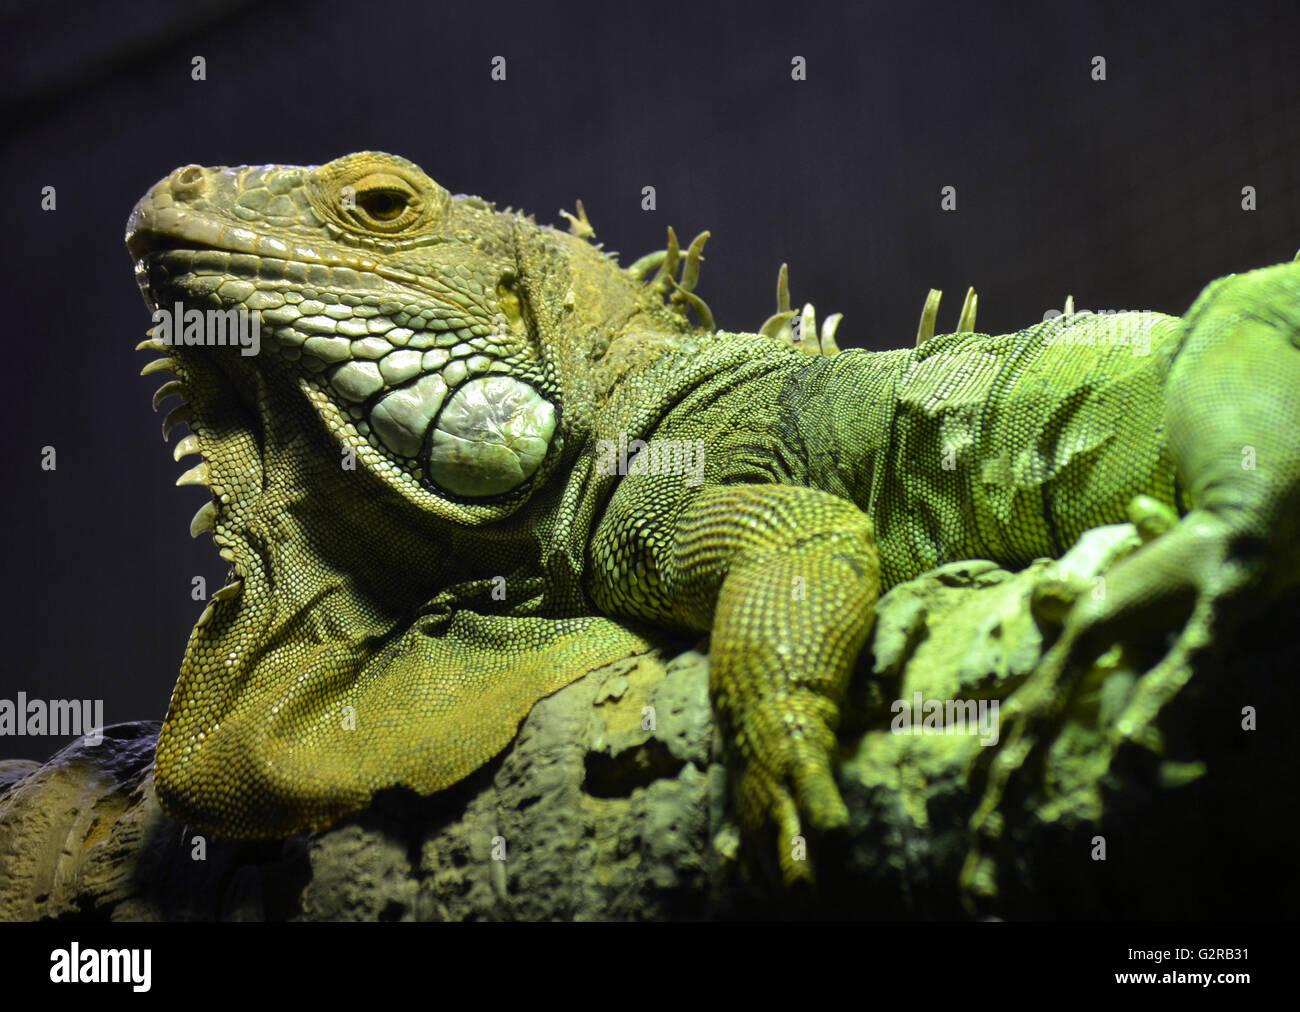 Gran verde escamosa Iguana con sus adornos y pliegues de piel, envuelto en la rama de un árbol Imagen De Stock